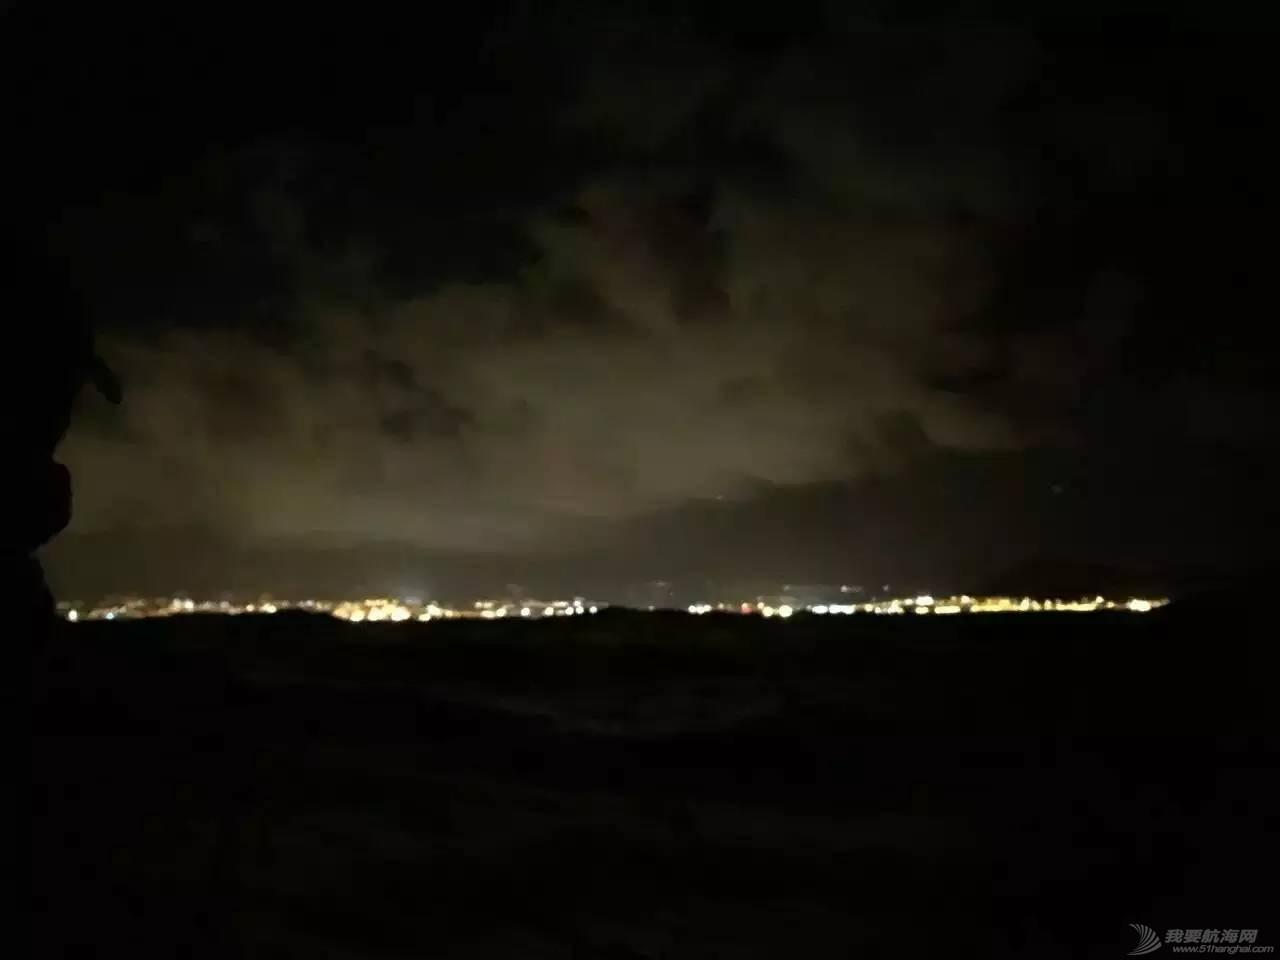 第二梦想号:安全抵达加那利群岛 f2ac2d20ba0845d66d6b1a5801130ae4.jpg